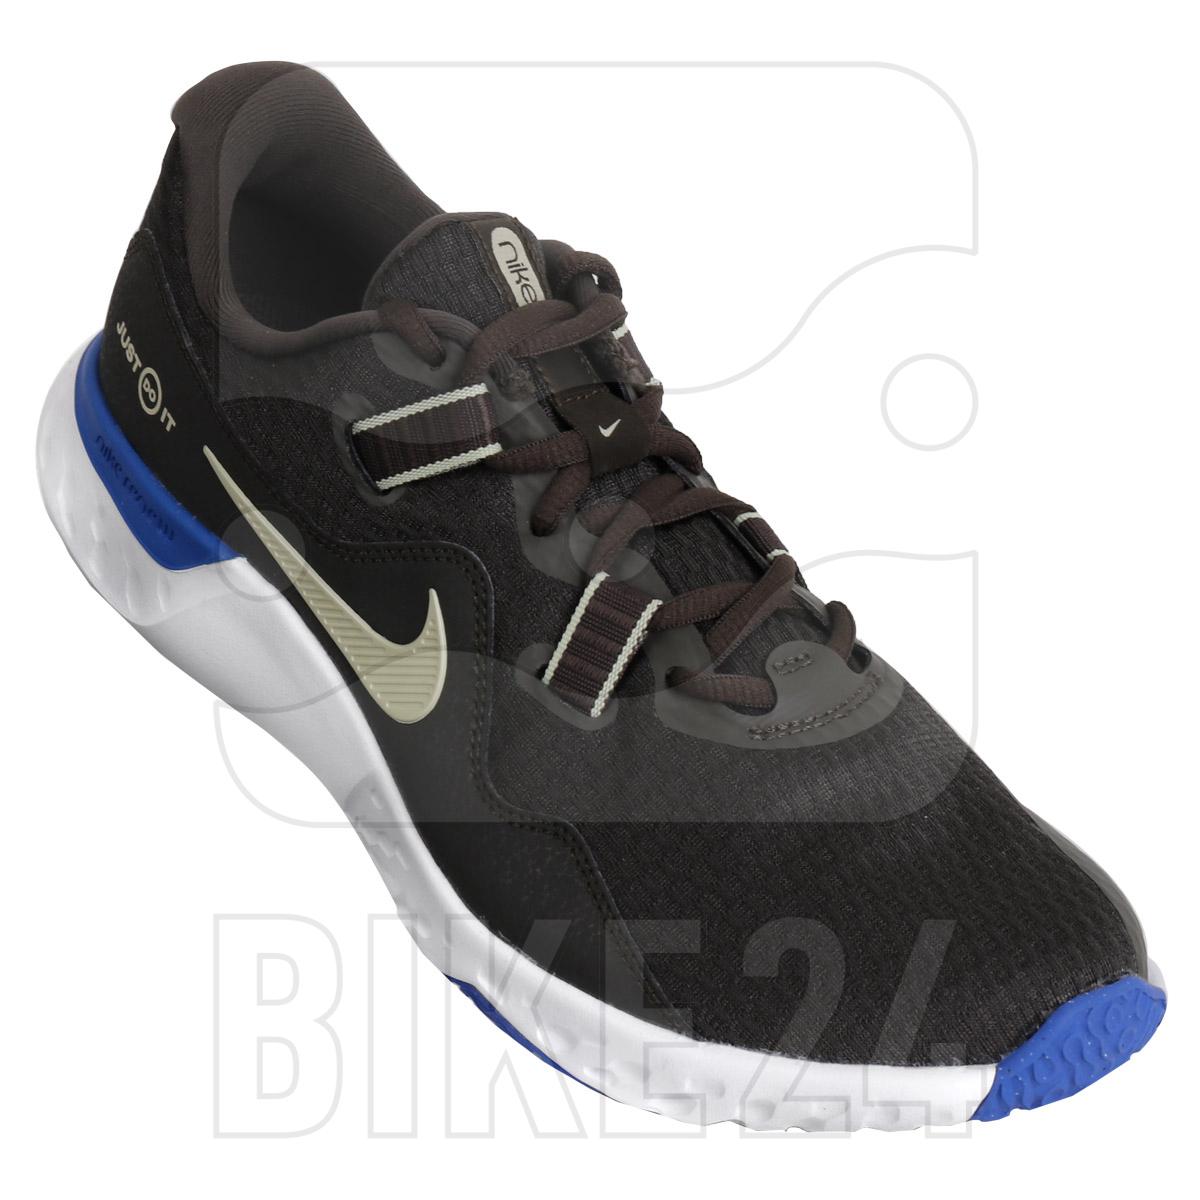 Produktbild von Nike Renew Retaliation TR 2 Trainingsschuh für Herren - newsprint/veranda-racer blue-blue CK5074-003